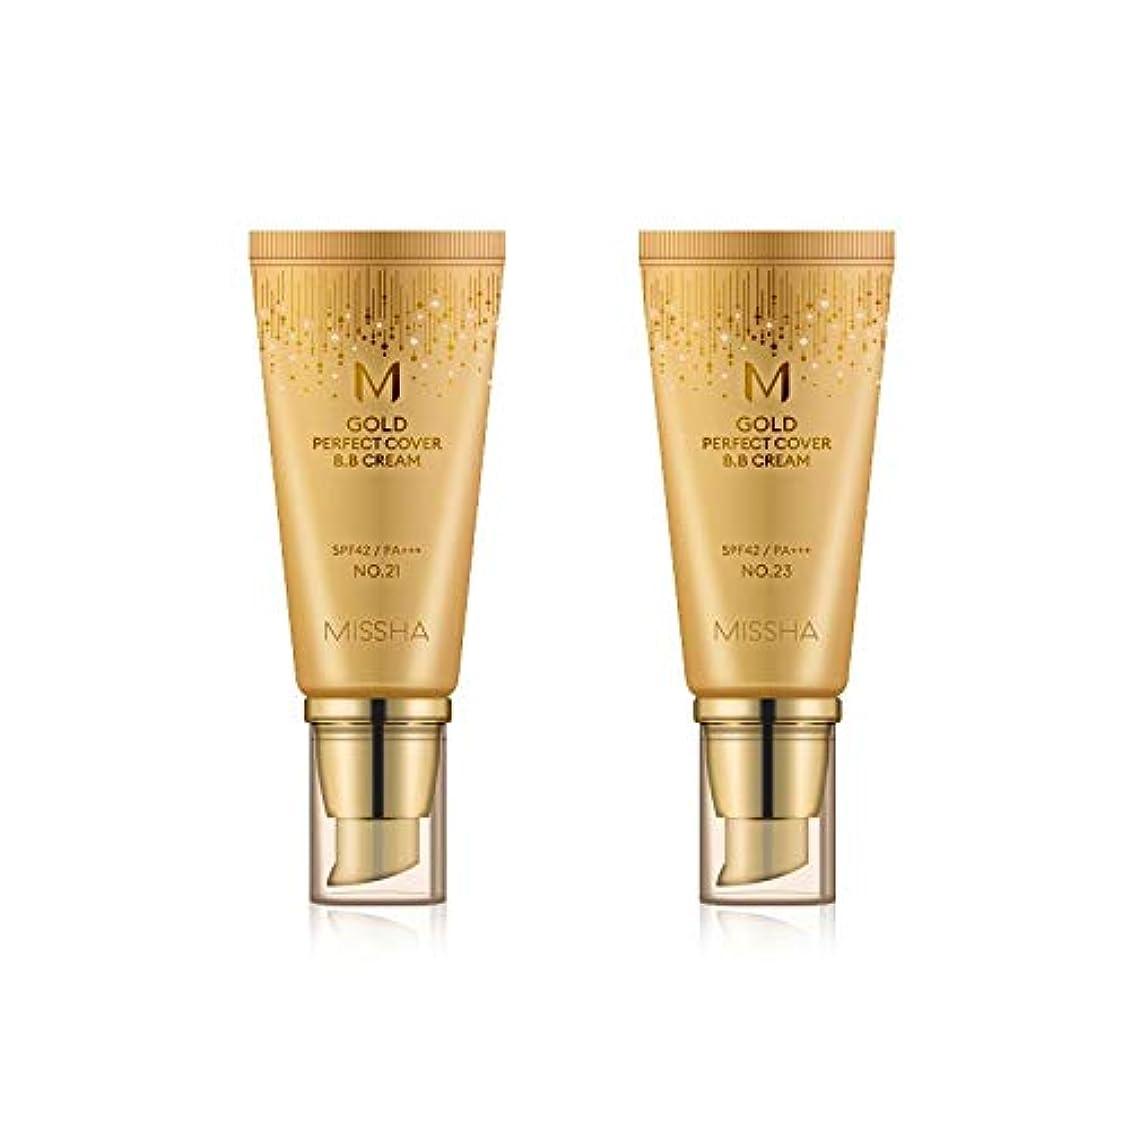 くびれた測定ネットMISSHA Gold Perfecte Cover BB Cream SPF42 PA+++ / ミシャ ゴールド パーフェクト カバー BBクリーム 50ml *NO.21 [並行輸入品]